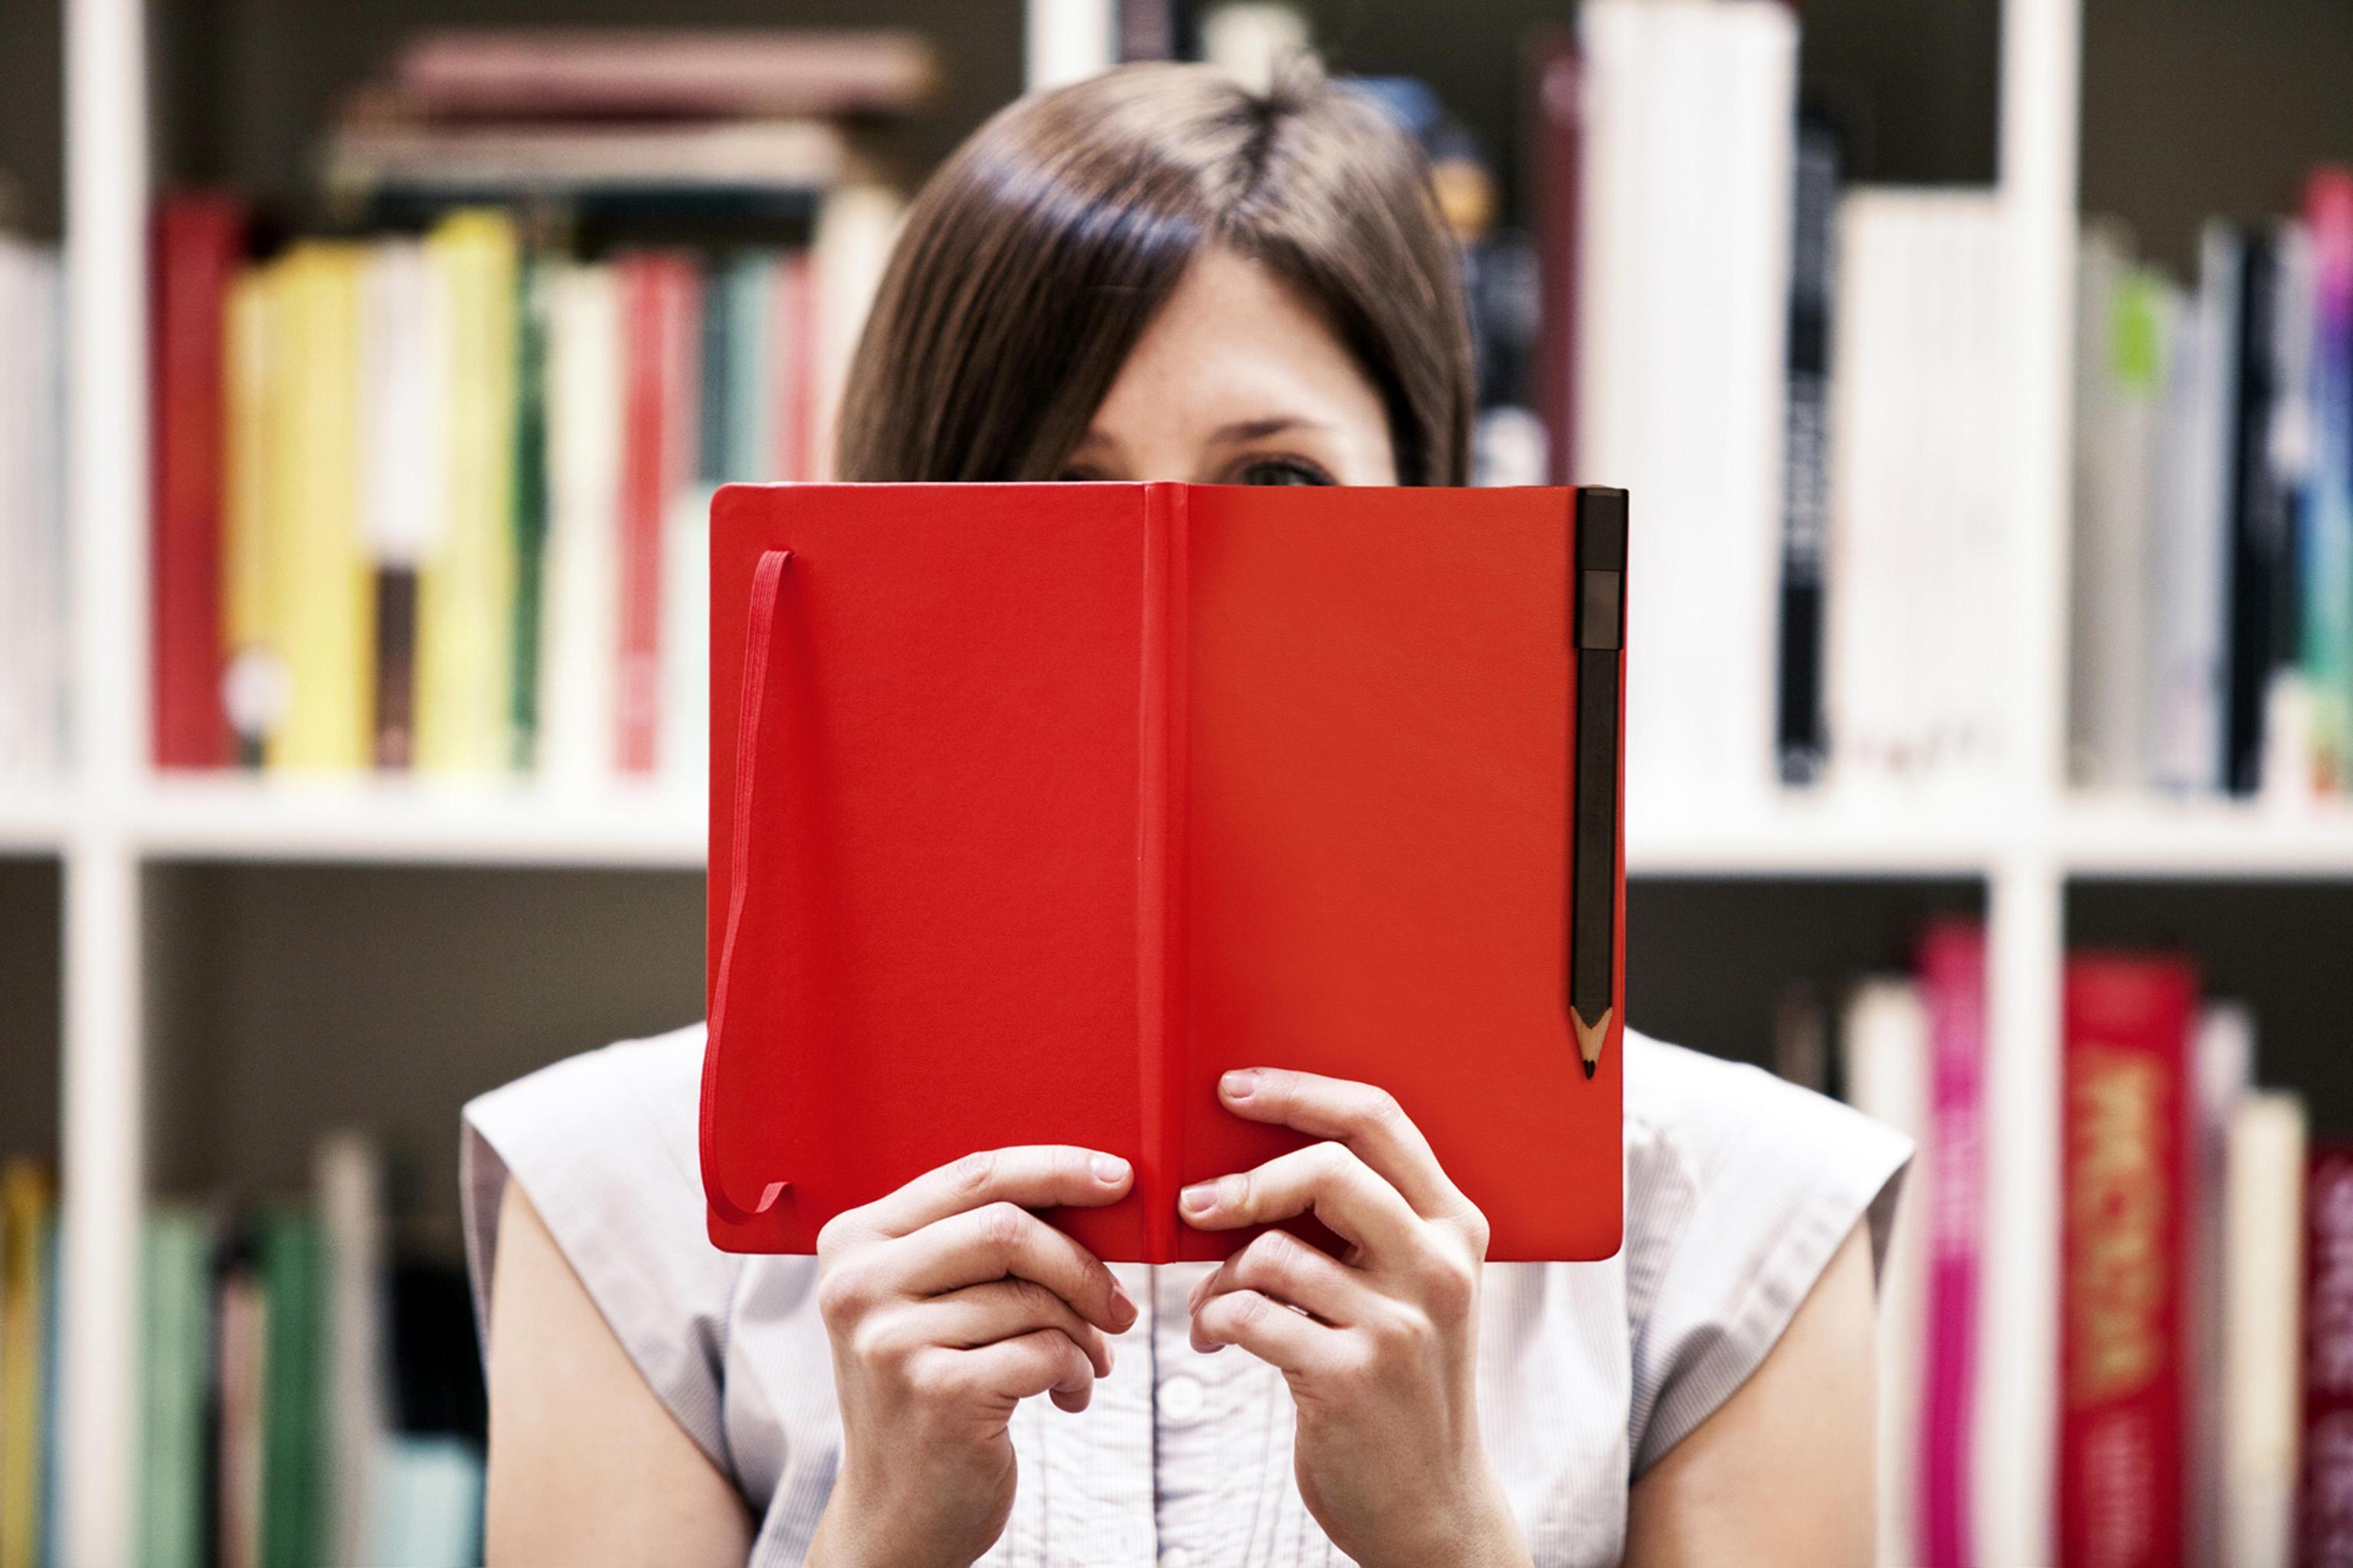 Concorsi letterari 2017: bandi gratuiti e non in scadenza a giugno